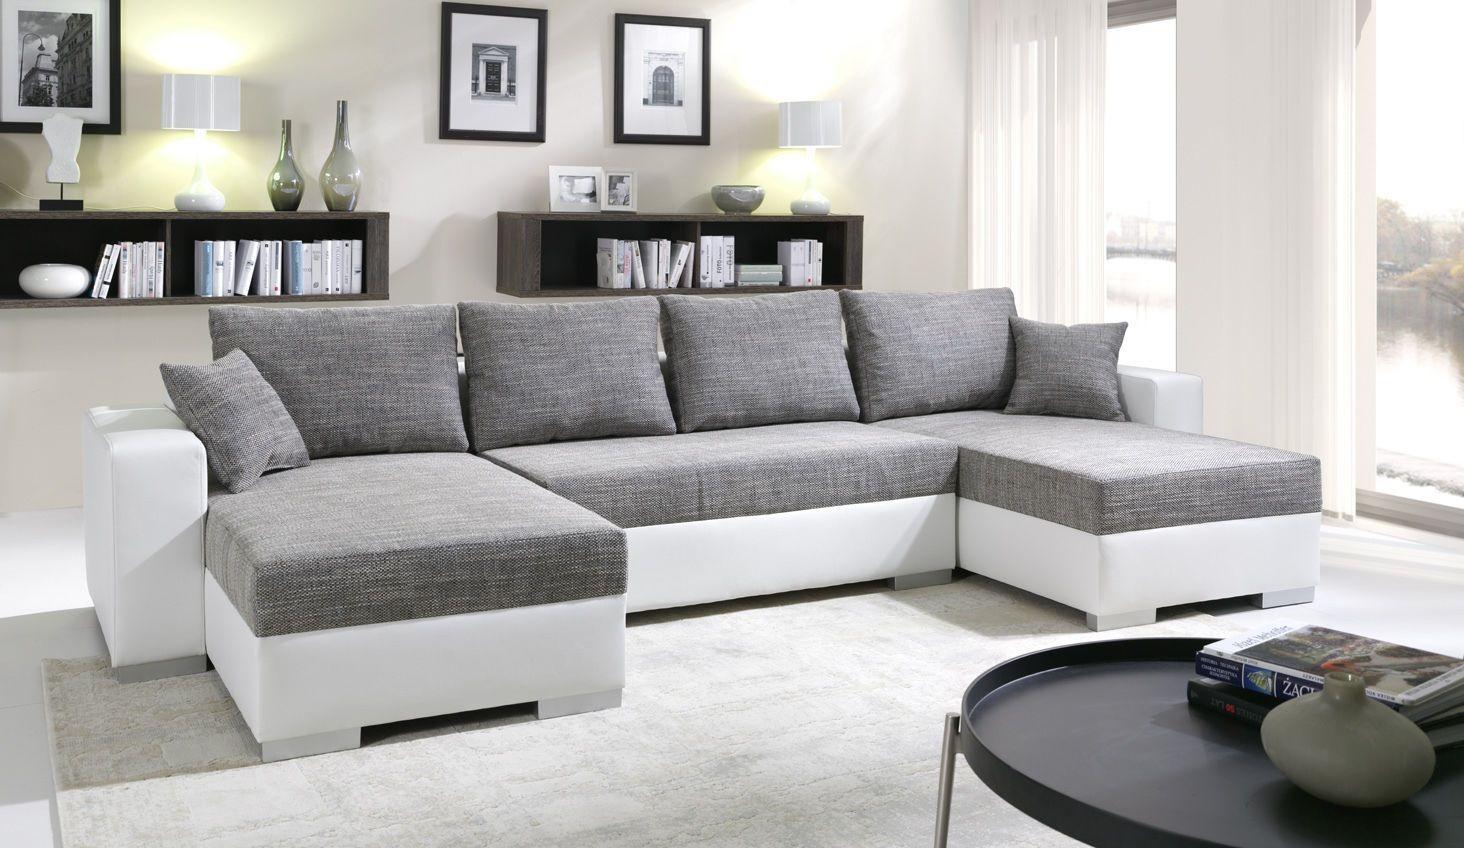 Meridienne Moderne Pour Salon canapé panoramique convertible en u enno 5 places